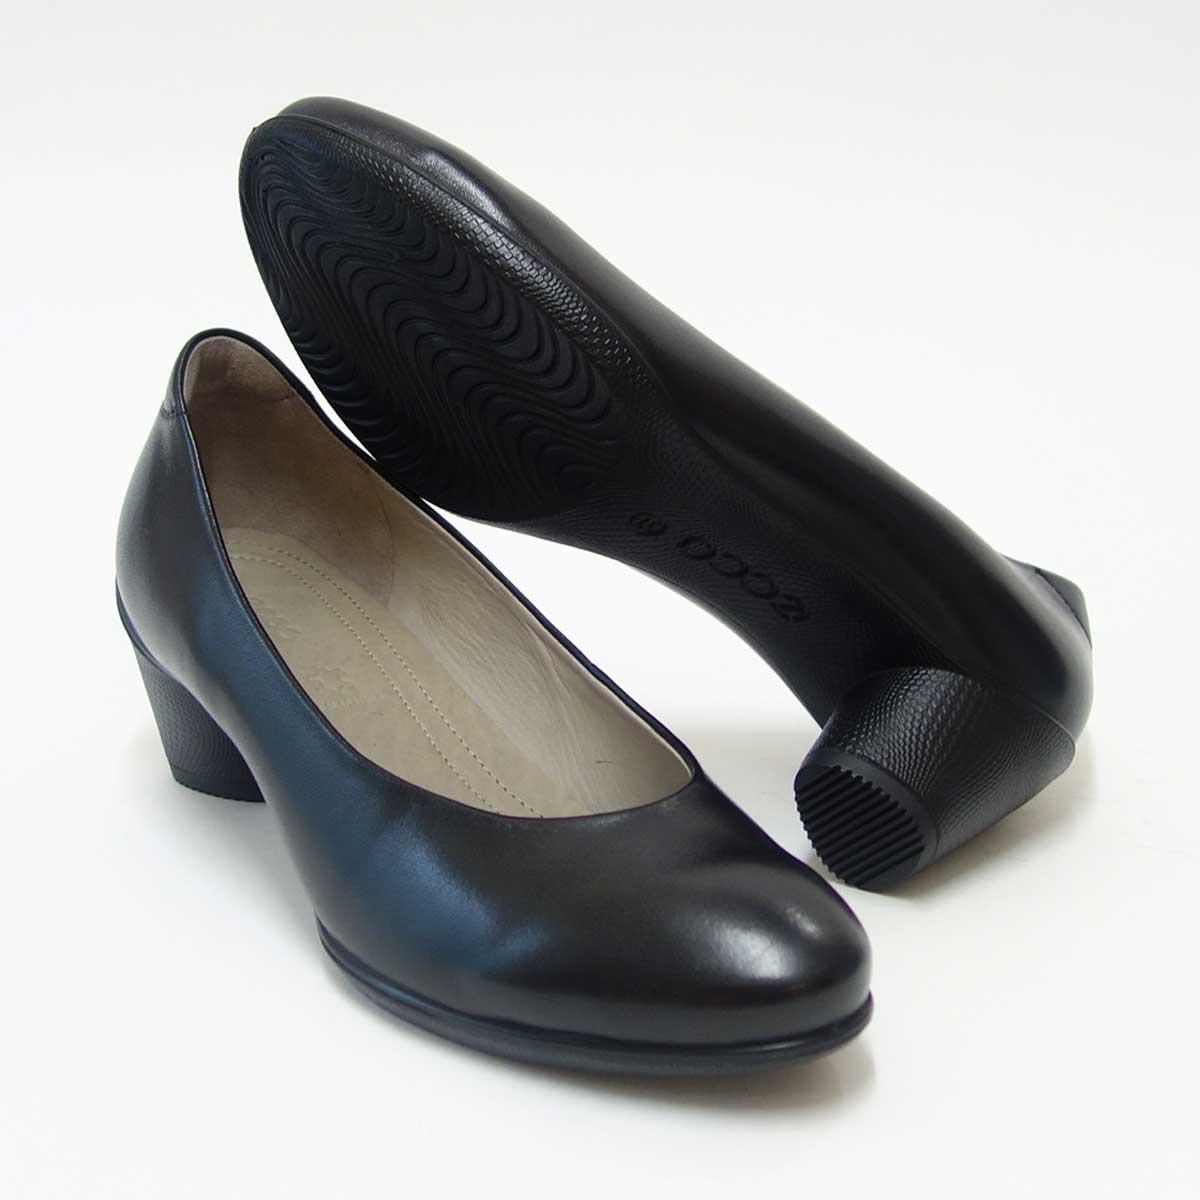 ECCO エコー 230203 ブラック (レディース)快適な履き心地のパンプスお洒落カジュアル&ウォーキング天然皮革コンフォートシューズ「靴」